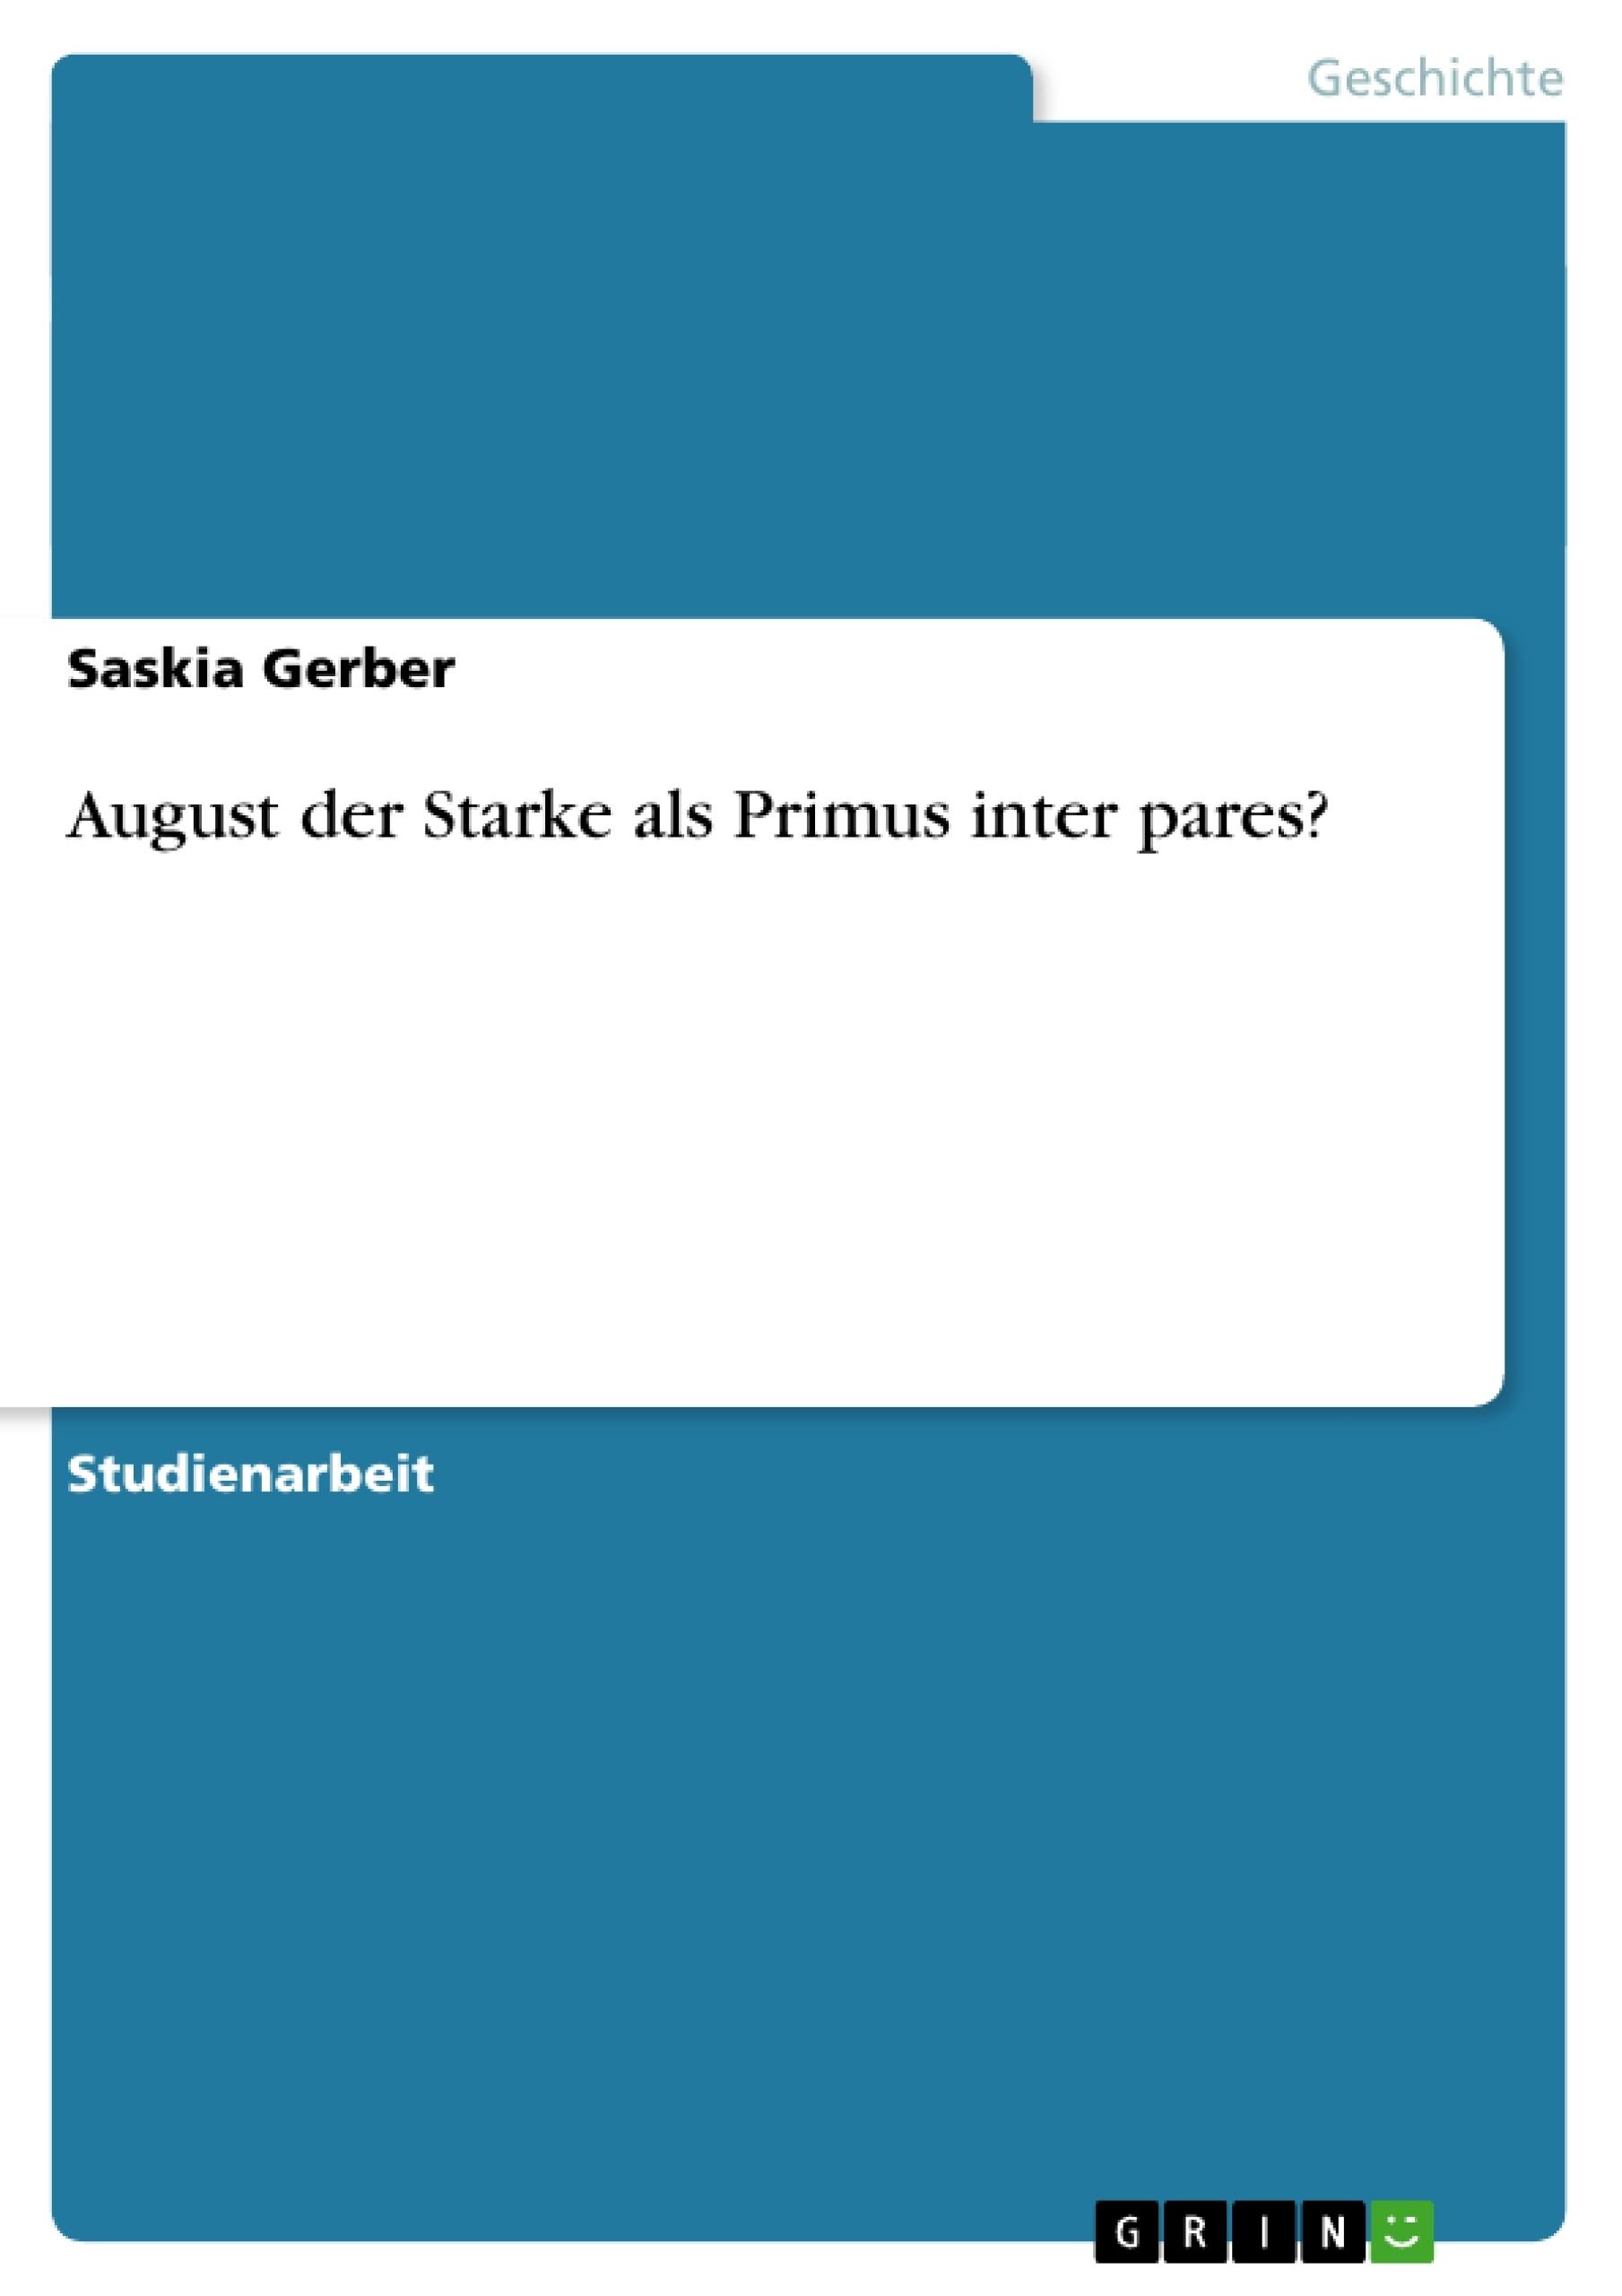 Titel: August der Starke als Primus inter pares?